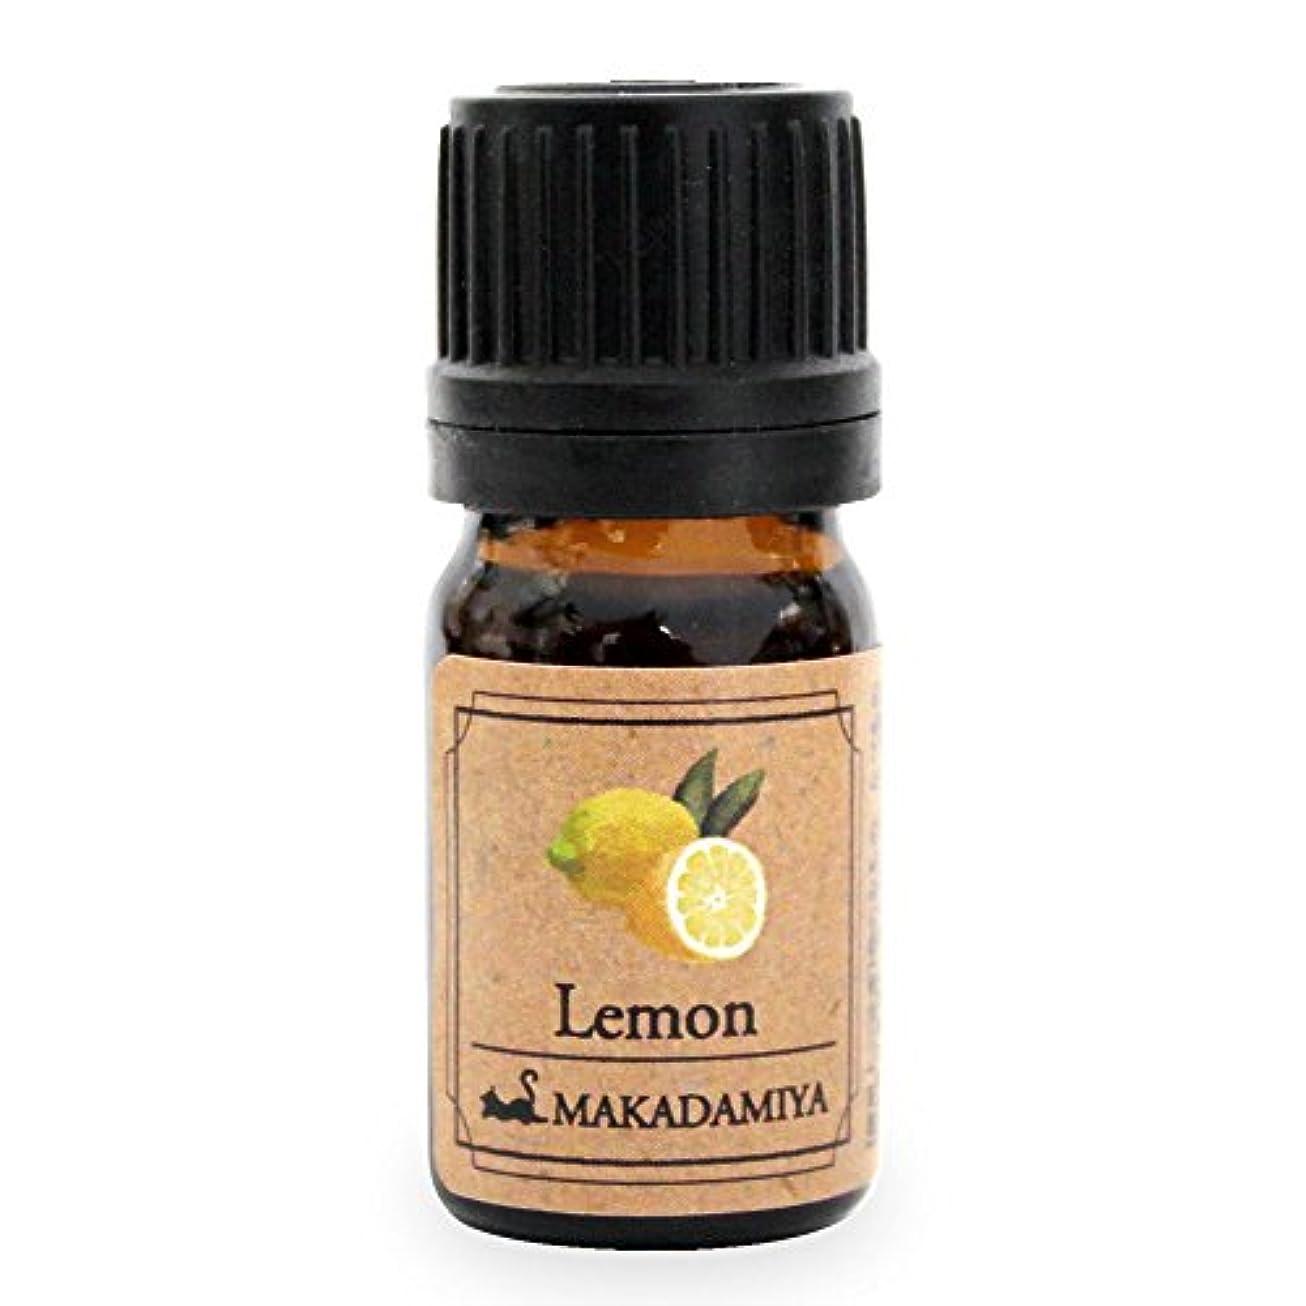 ためらうクマノミ代わってレモン5ml 天然100%植物性 エッセンシャルオイル(精油) アロマオイル アロママッサージ aroma Lemon